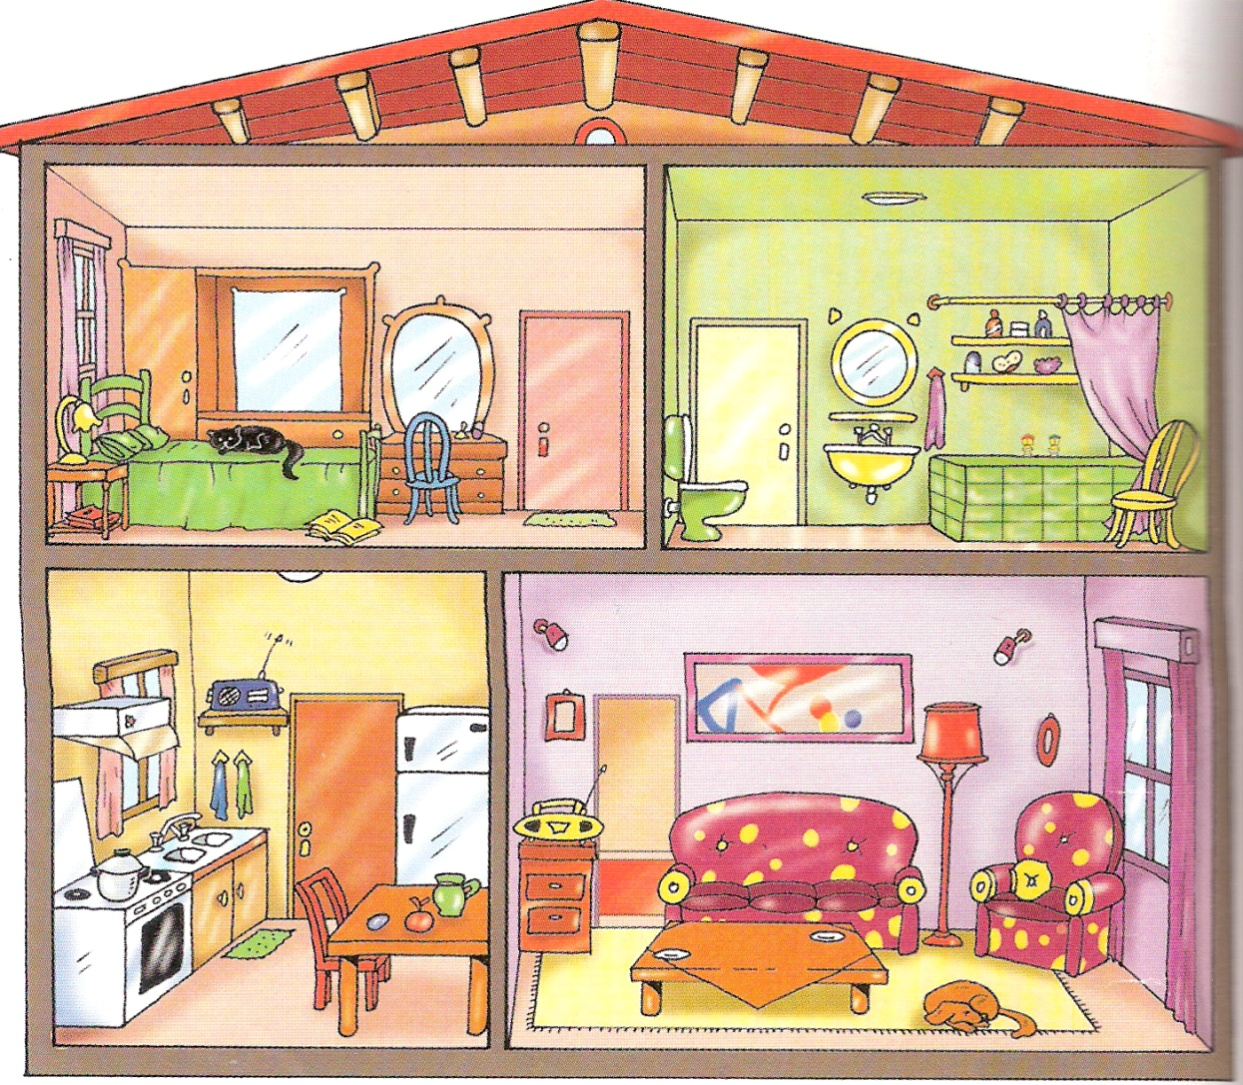 Картинка комнаты с мебелью для английского языка, для матери